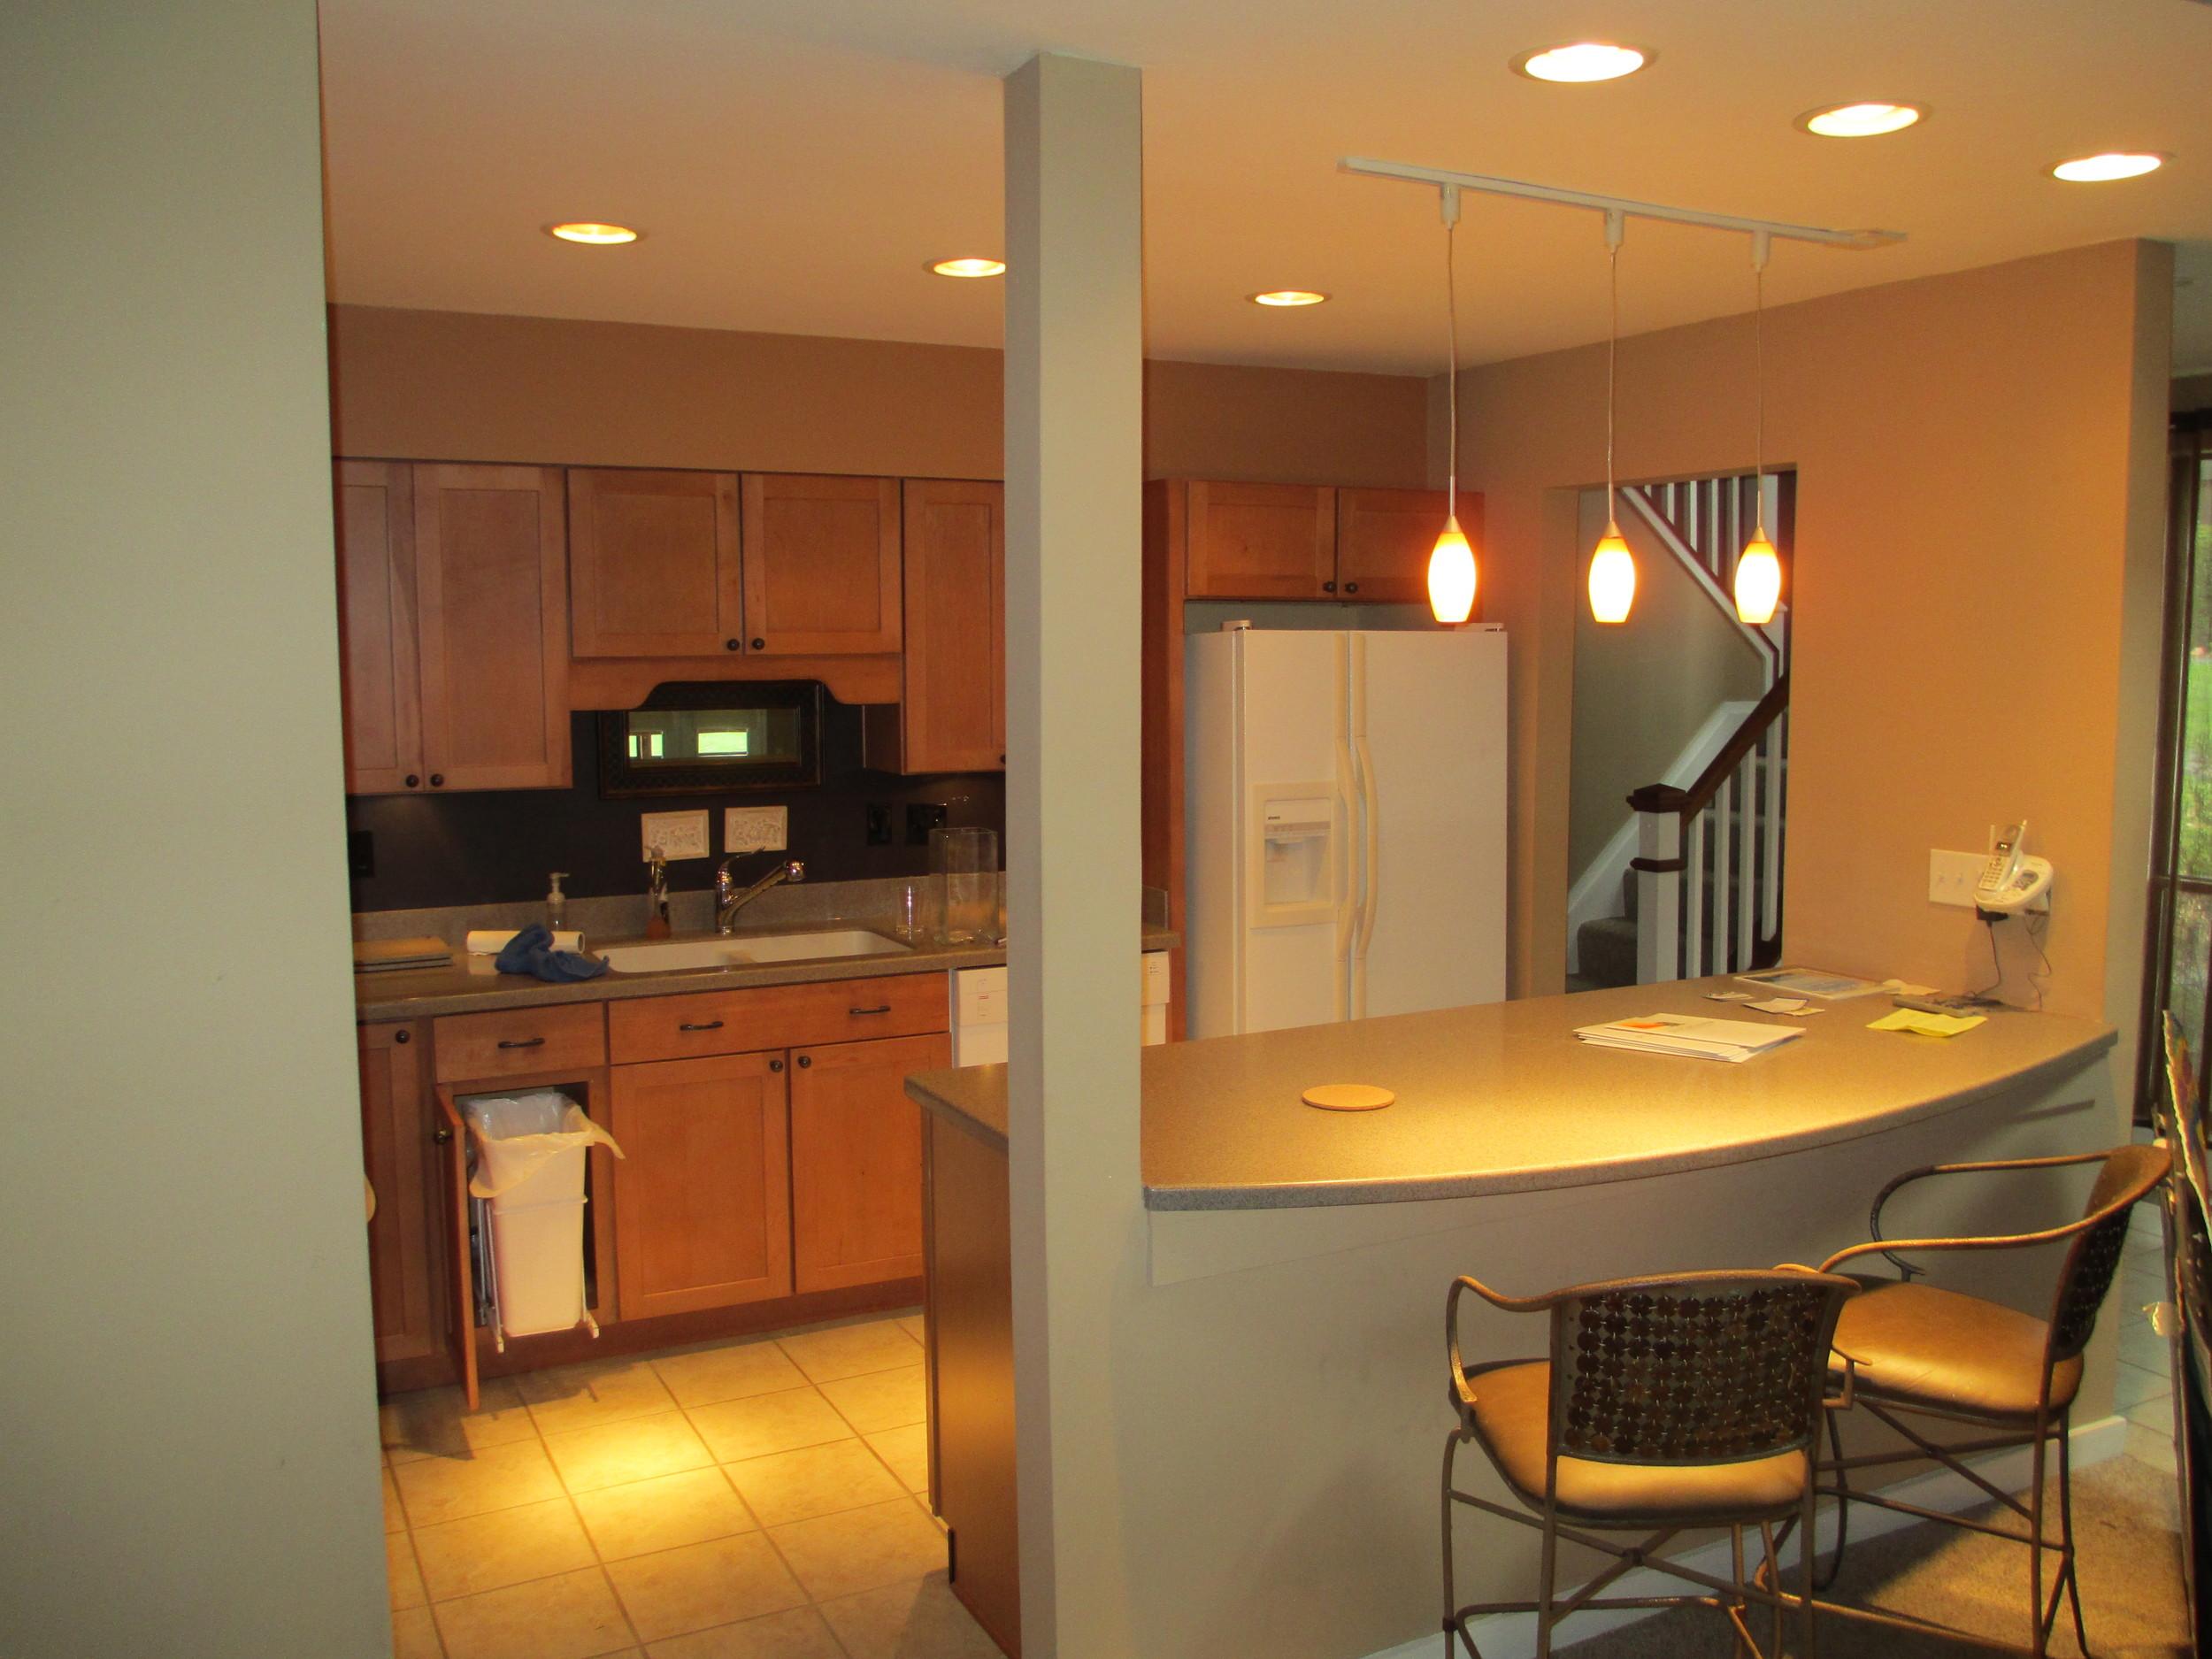 Grosebeck Kitchen Remodel